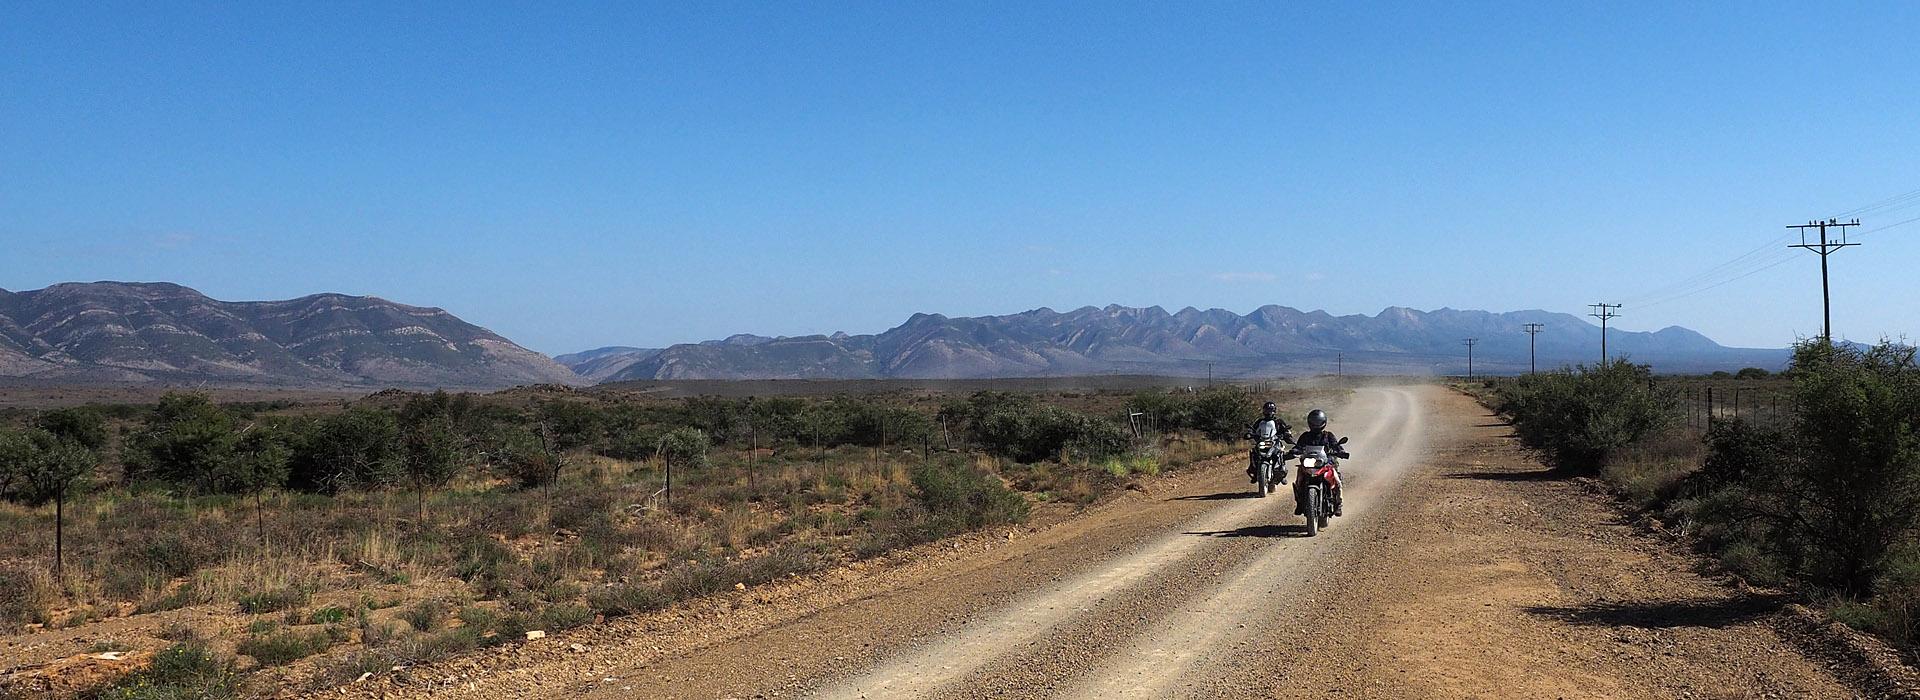 Motorreis Zuid Afrika, Die Hel. Op de motor door de Baviaanskloof, over Naudes nek pass en door Die Hel.